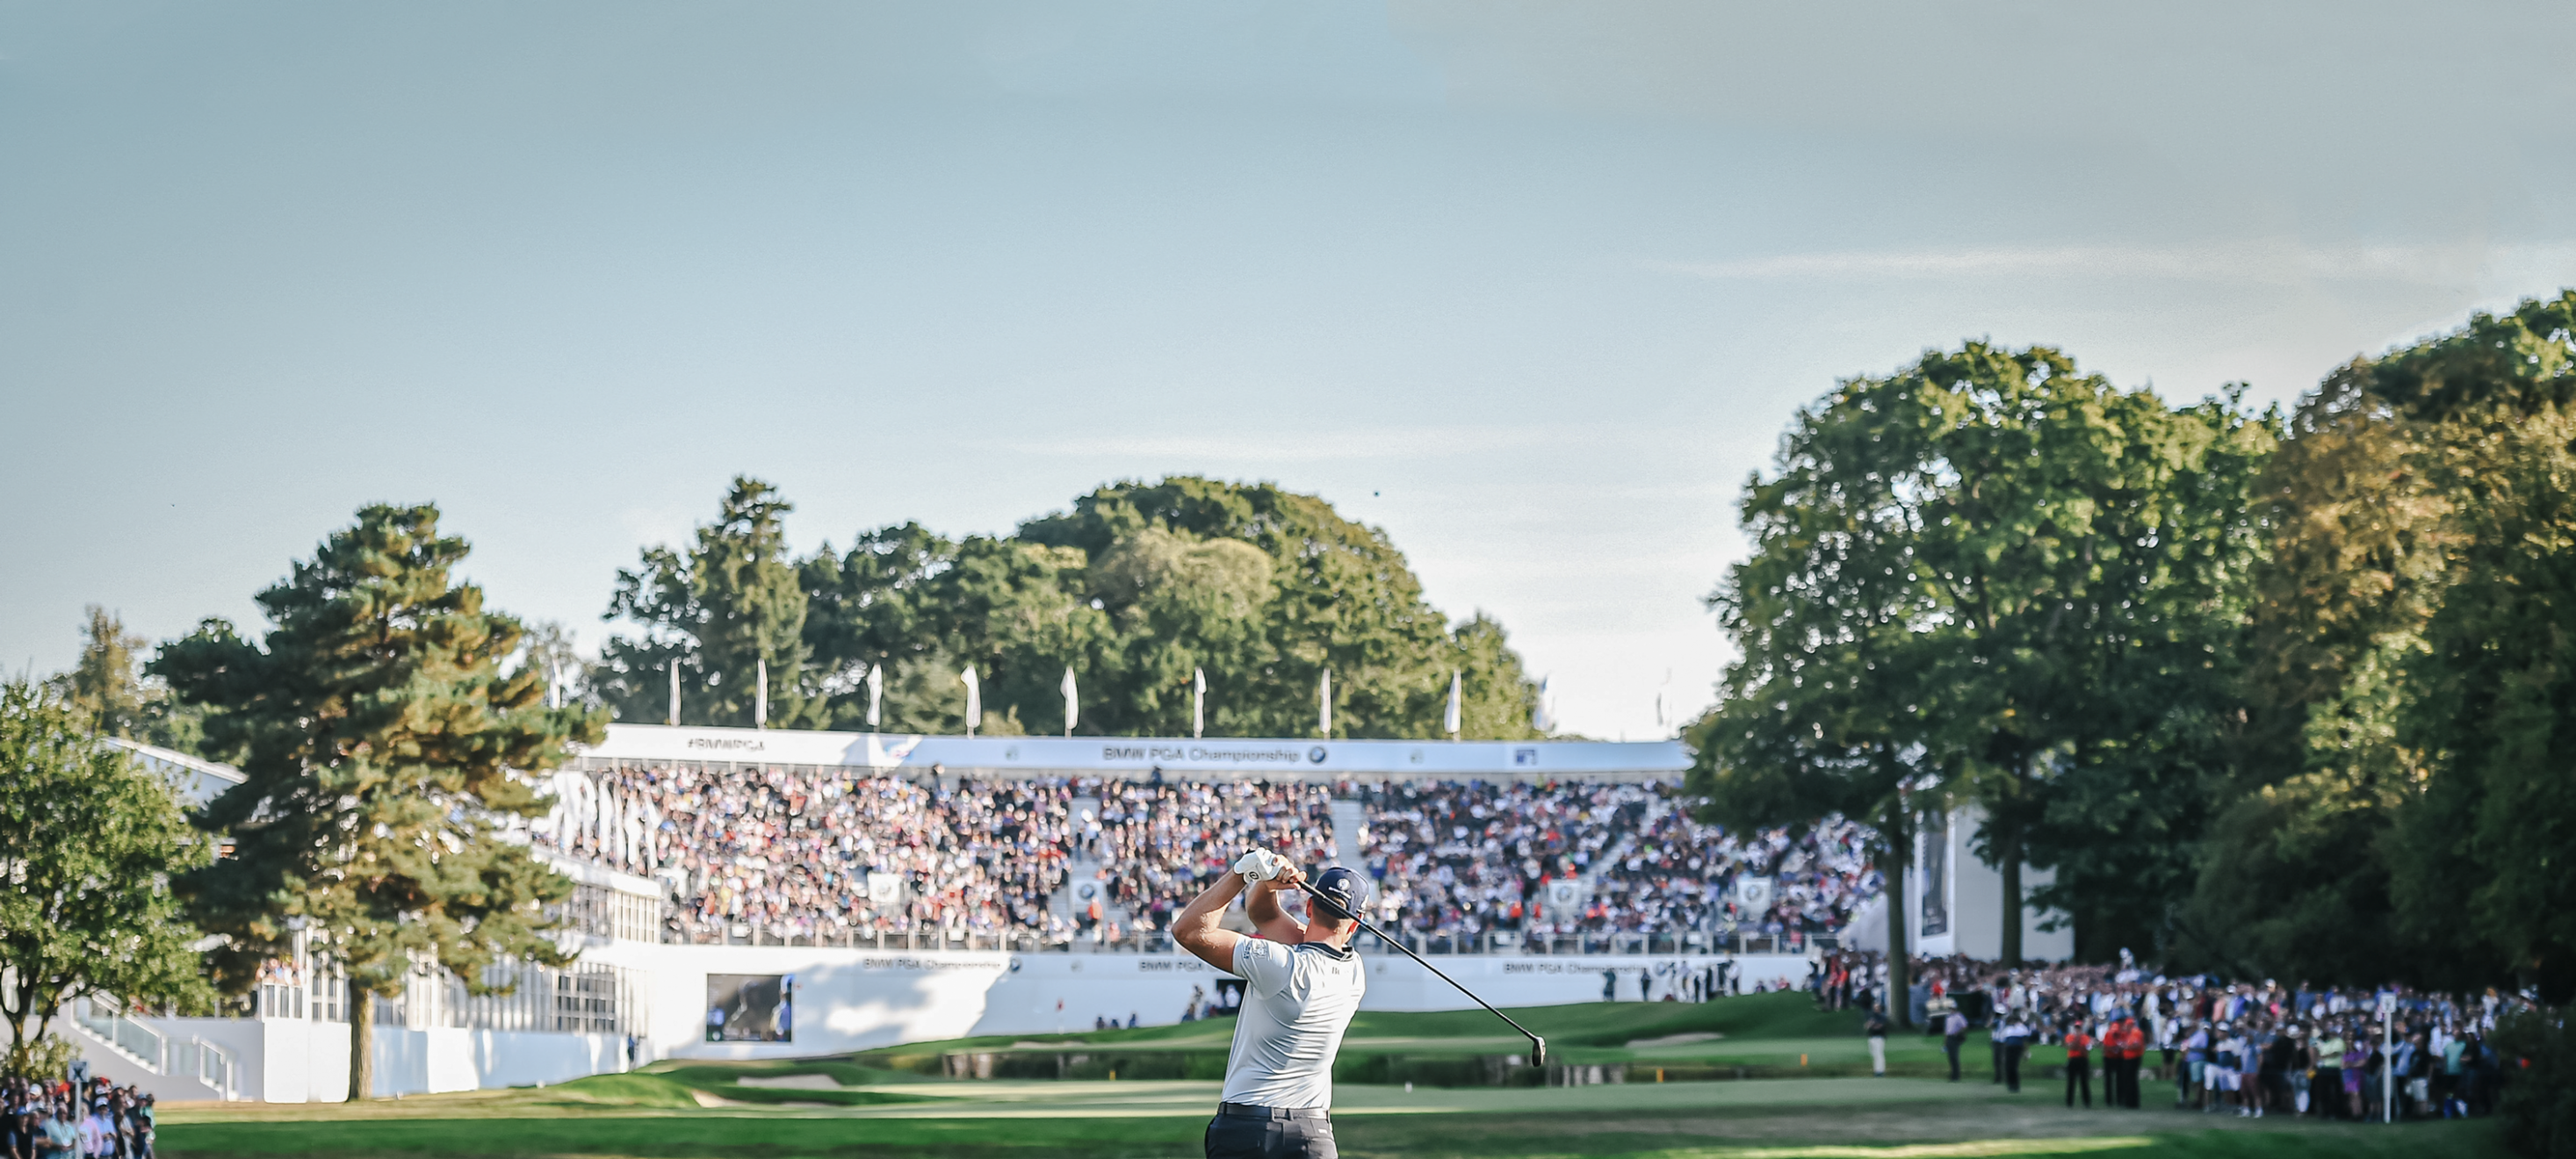 2020 Bmw Wentworth In 2020 Bmw Golf Pga Championship European Tour